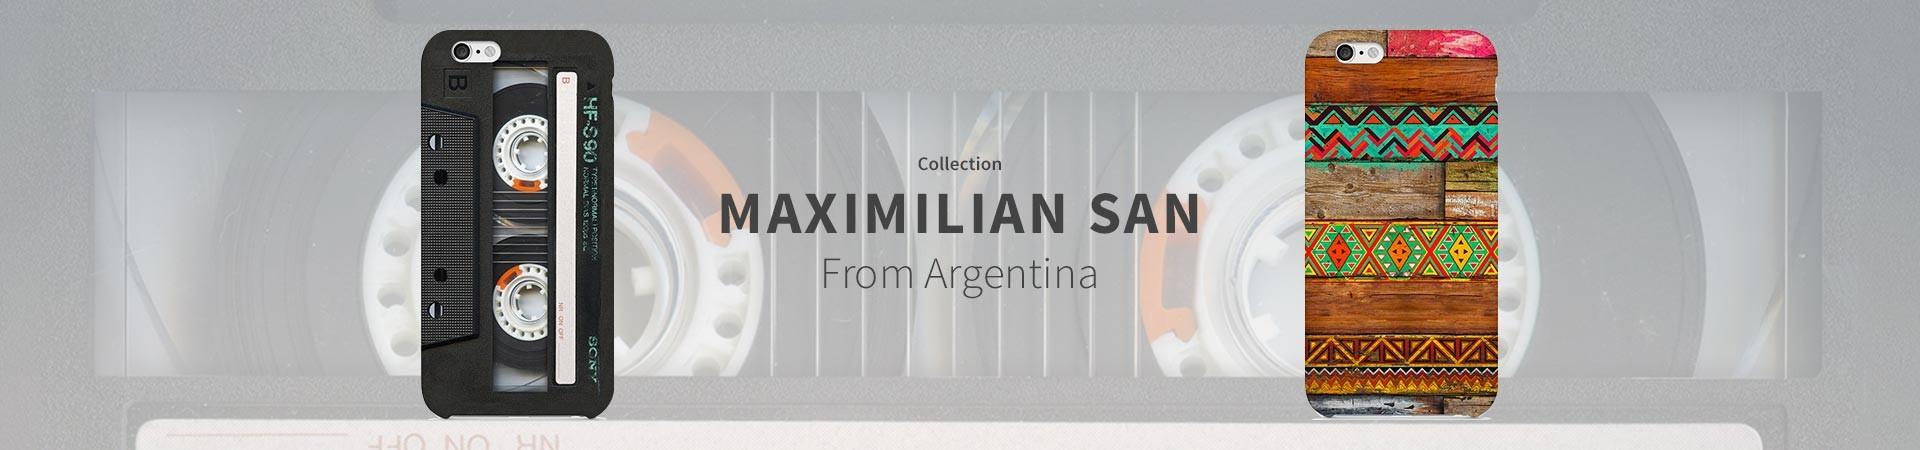 Maximilian San